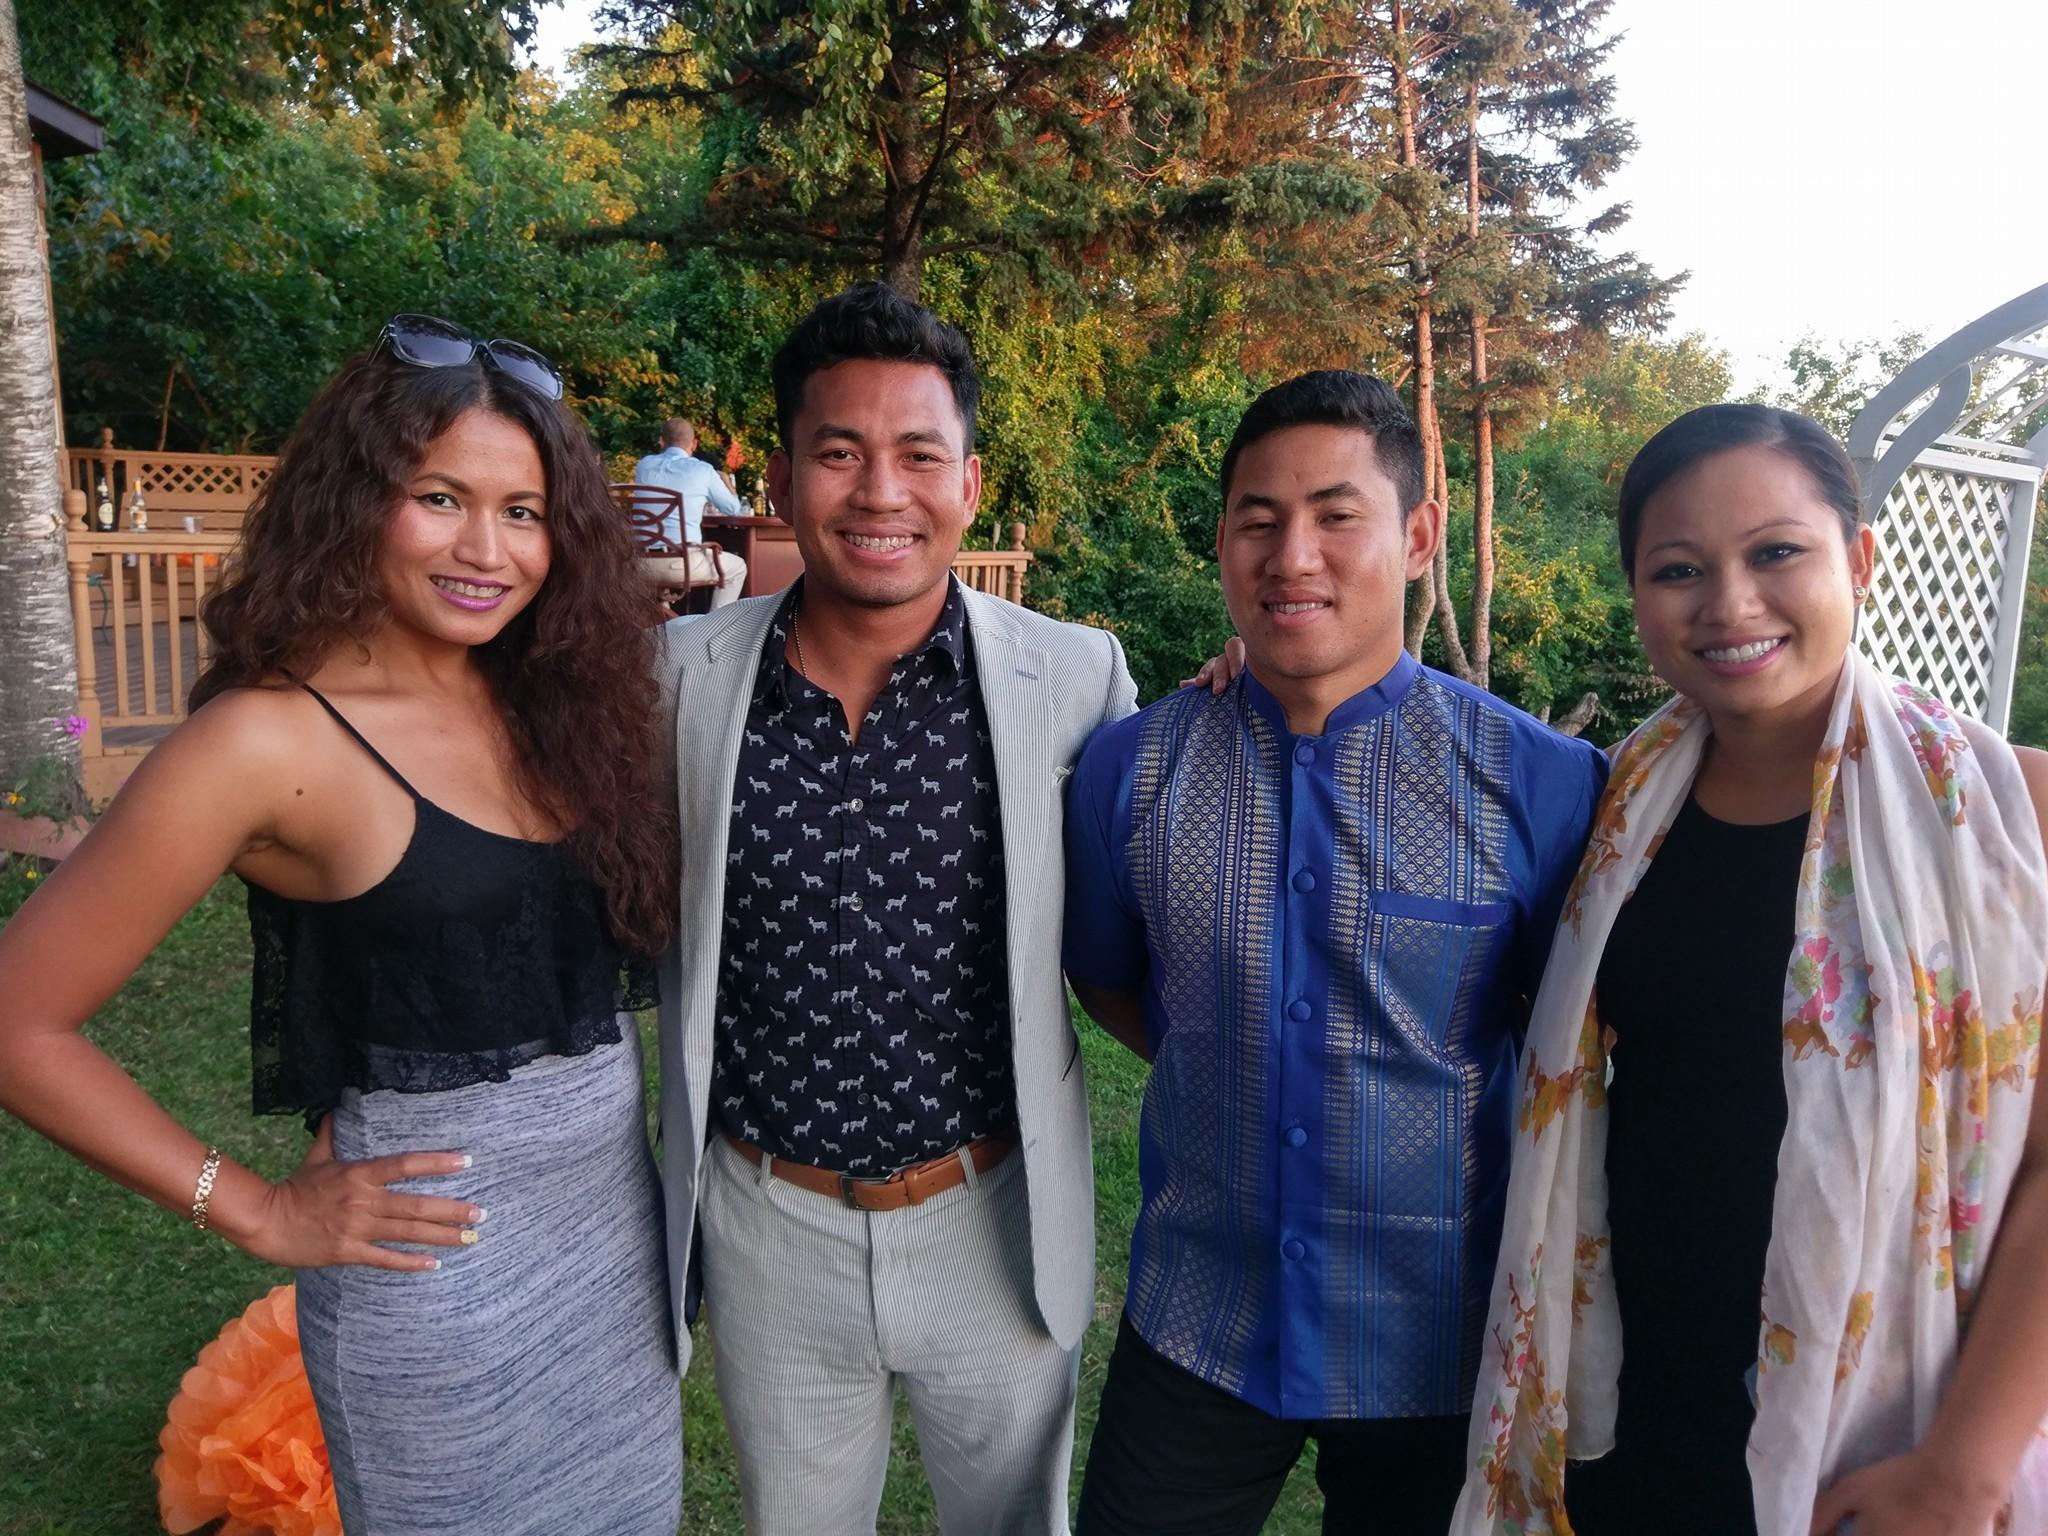 Me and my siblings.